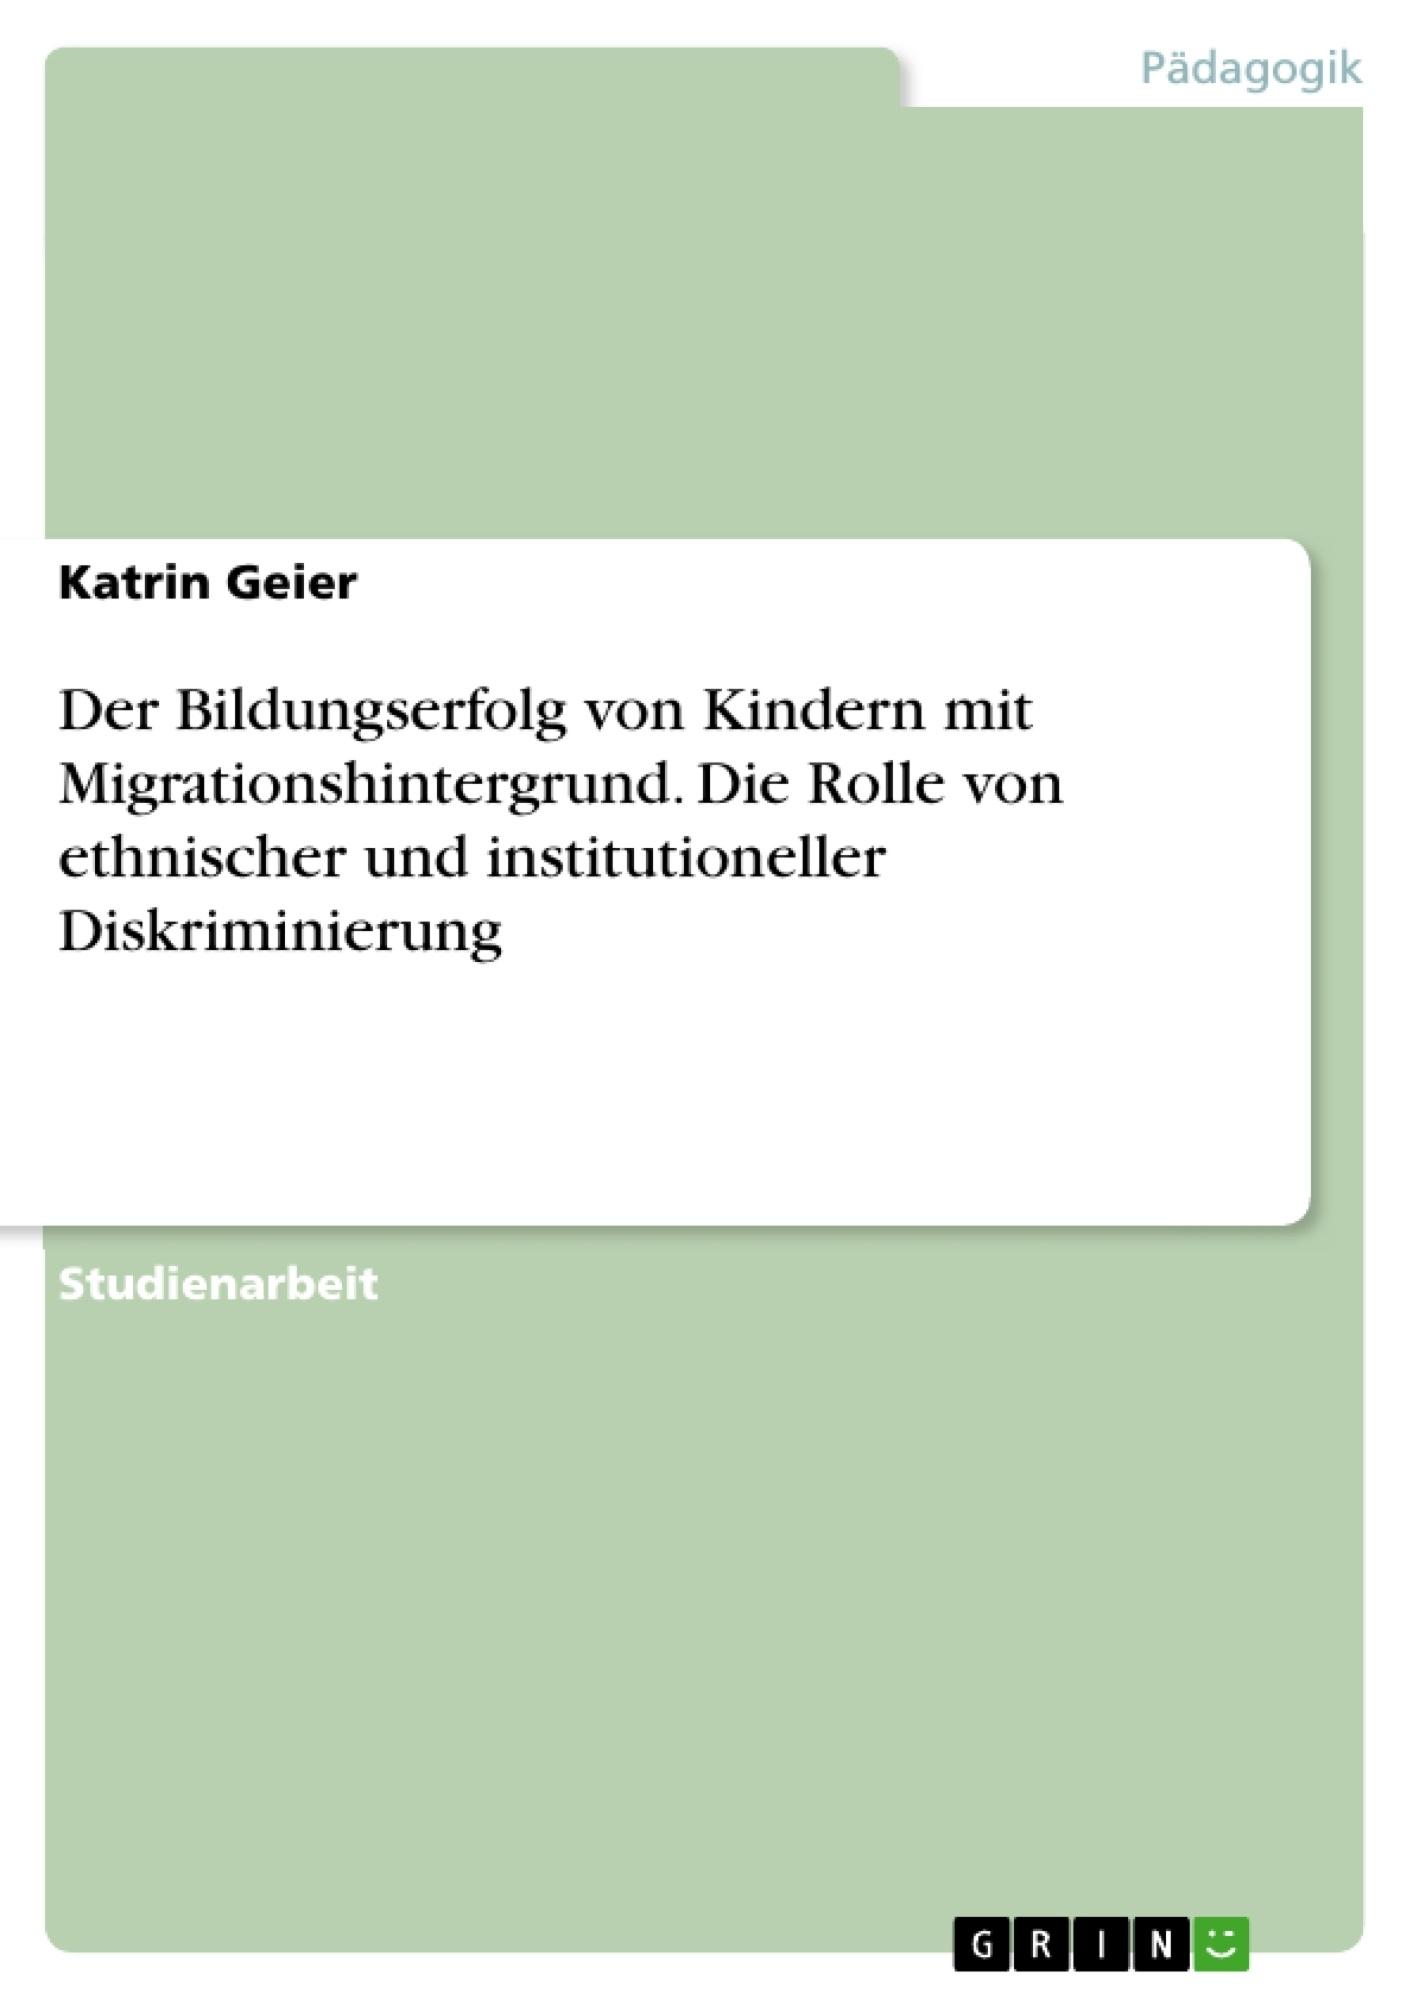 Titel: Der Bildungserfolg von Kindern mit Migrationshintergrund. Die Rolle von ethnischer und institutioneller Diskriminierung